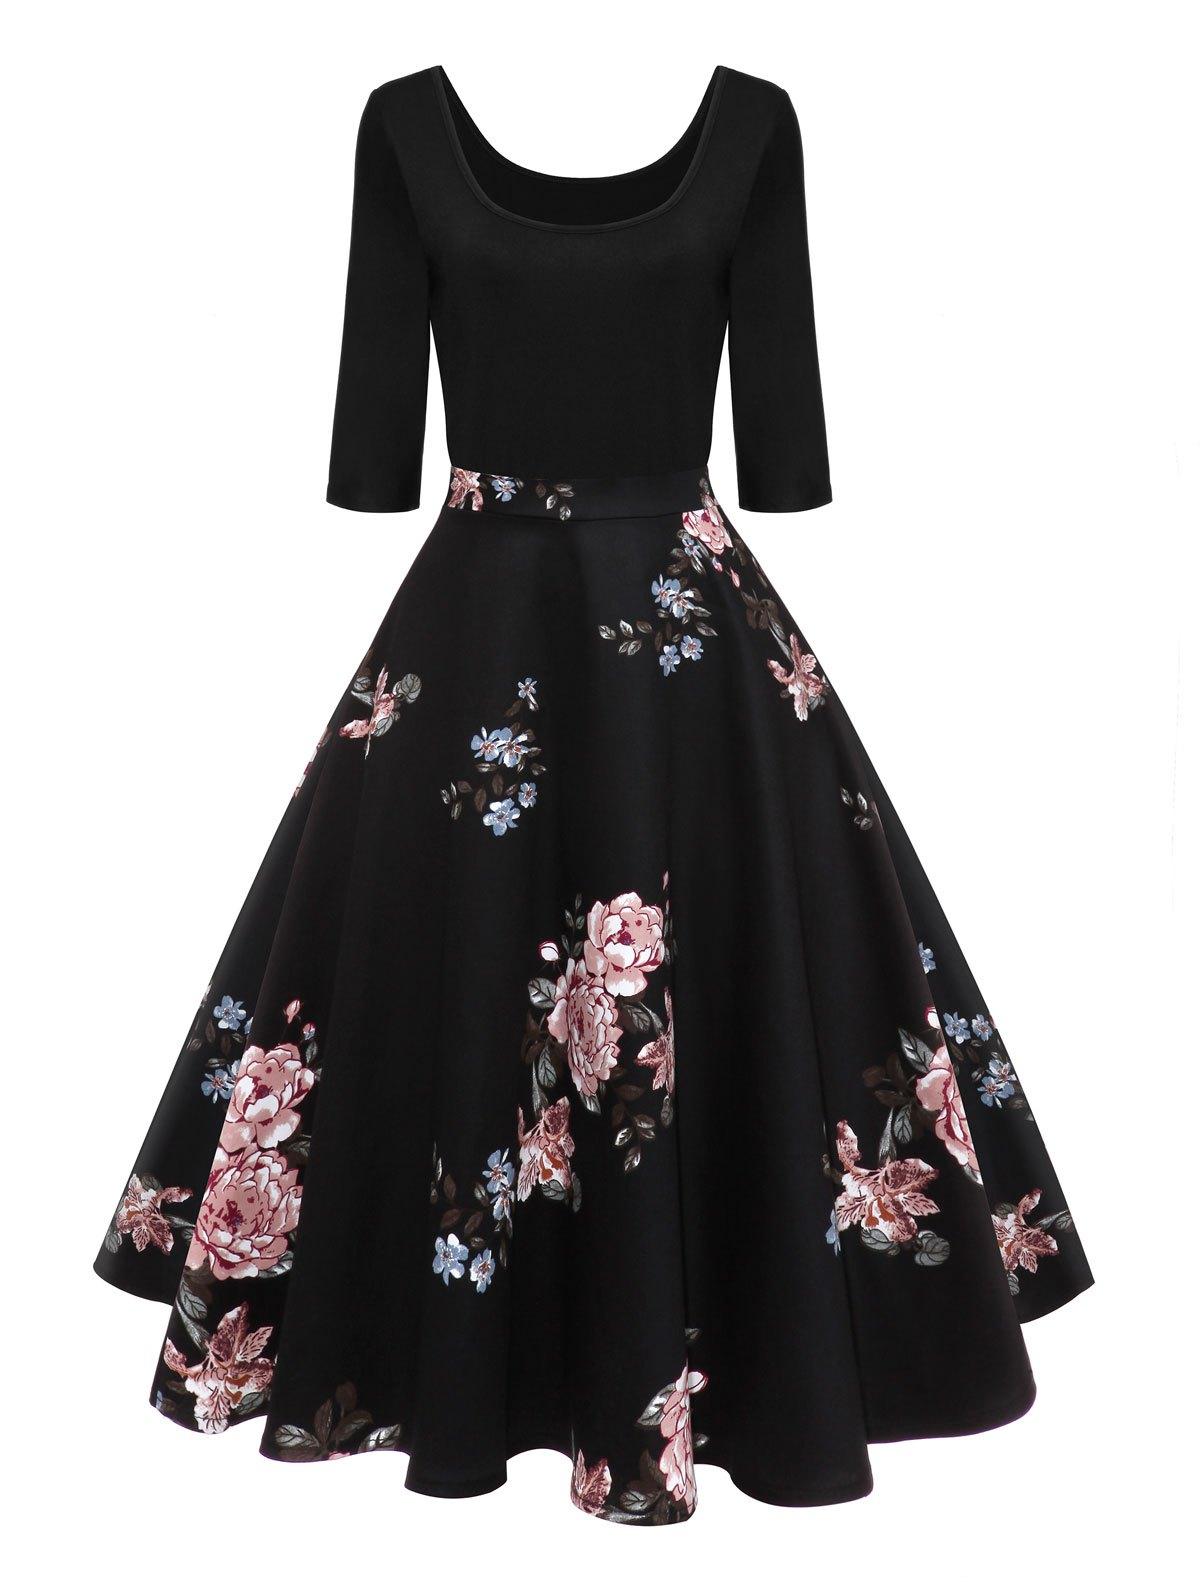 جدید ترین مدل لباس مجلسی 13